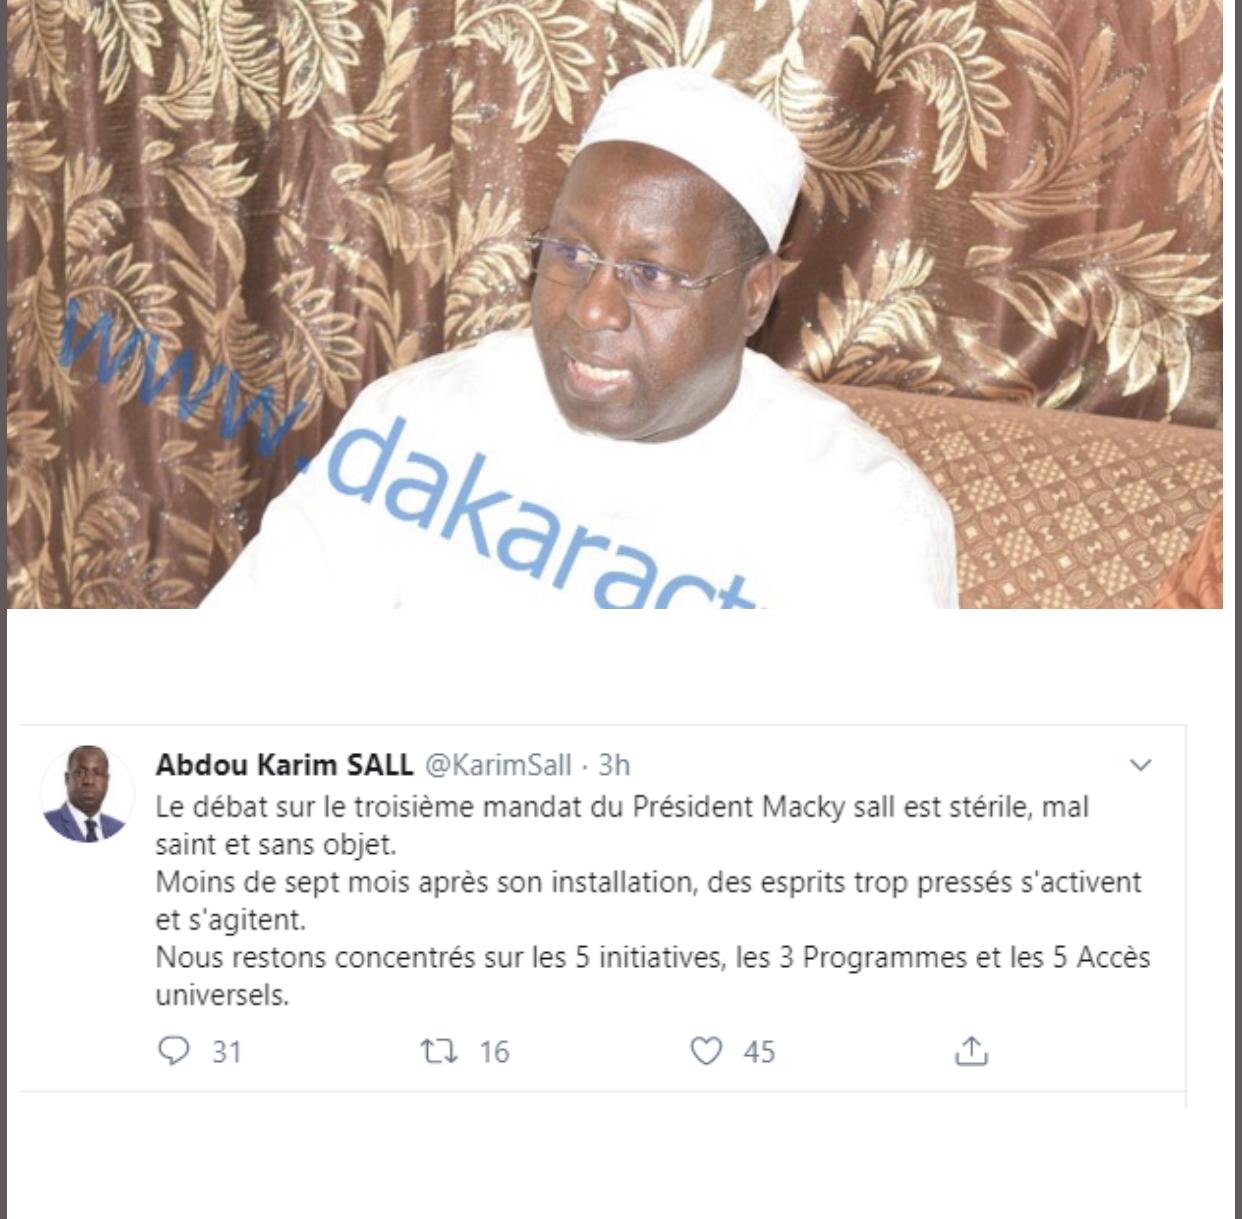 Abdou Karim Sall : ''Le débat sur le troisième mandat du Président Macky Sall est stérile''